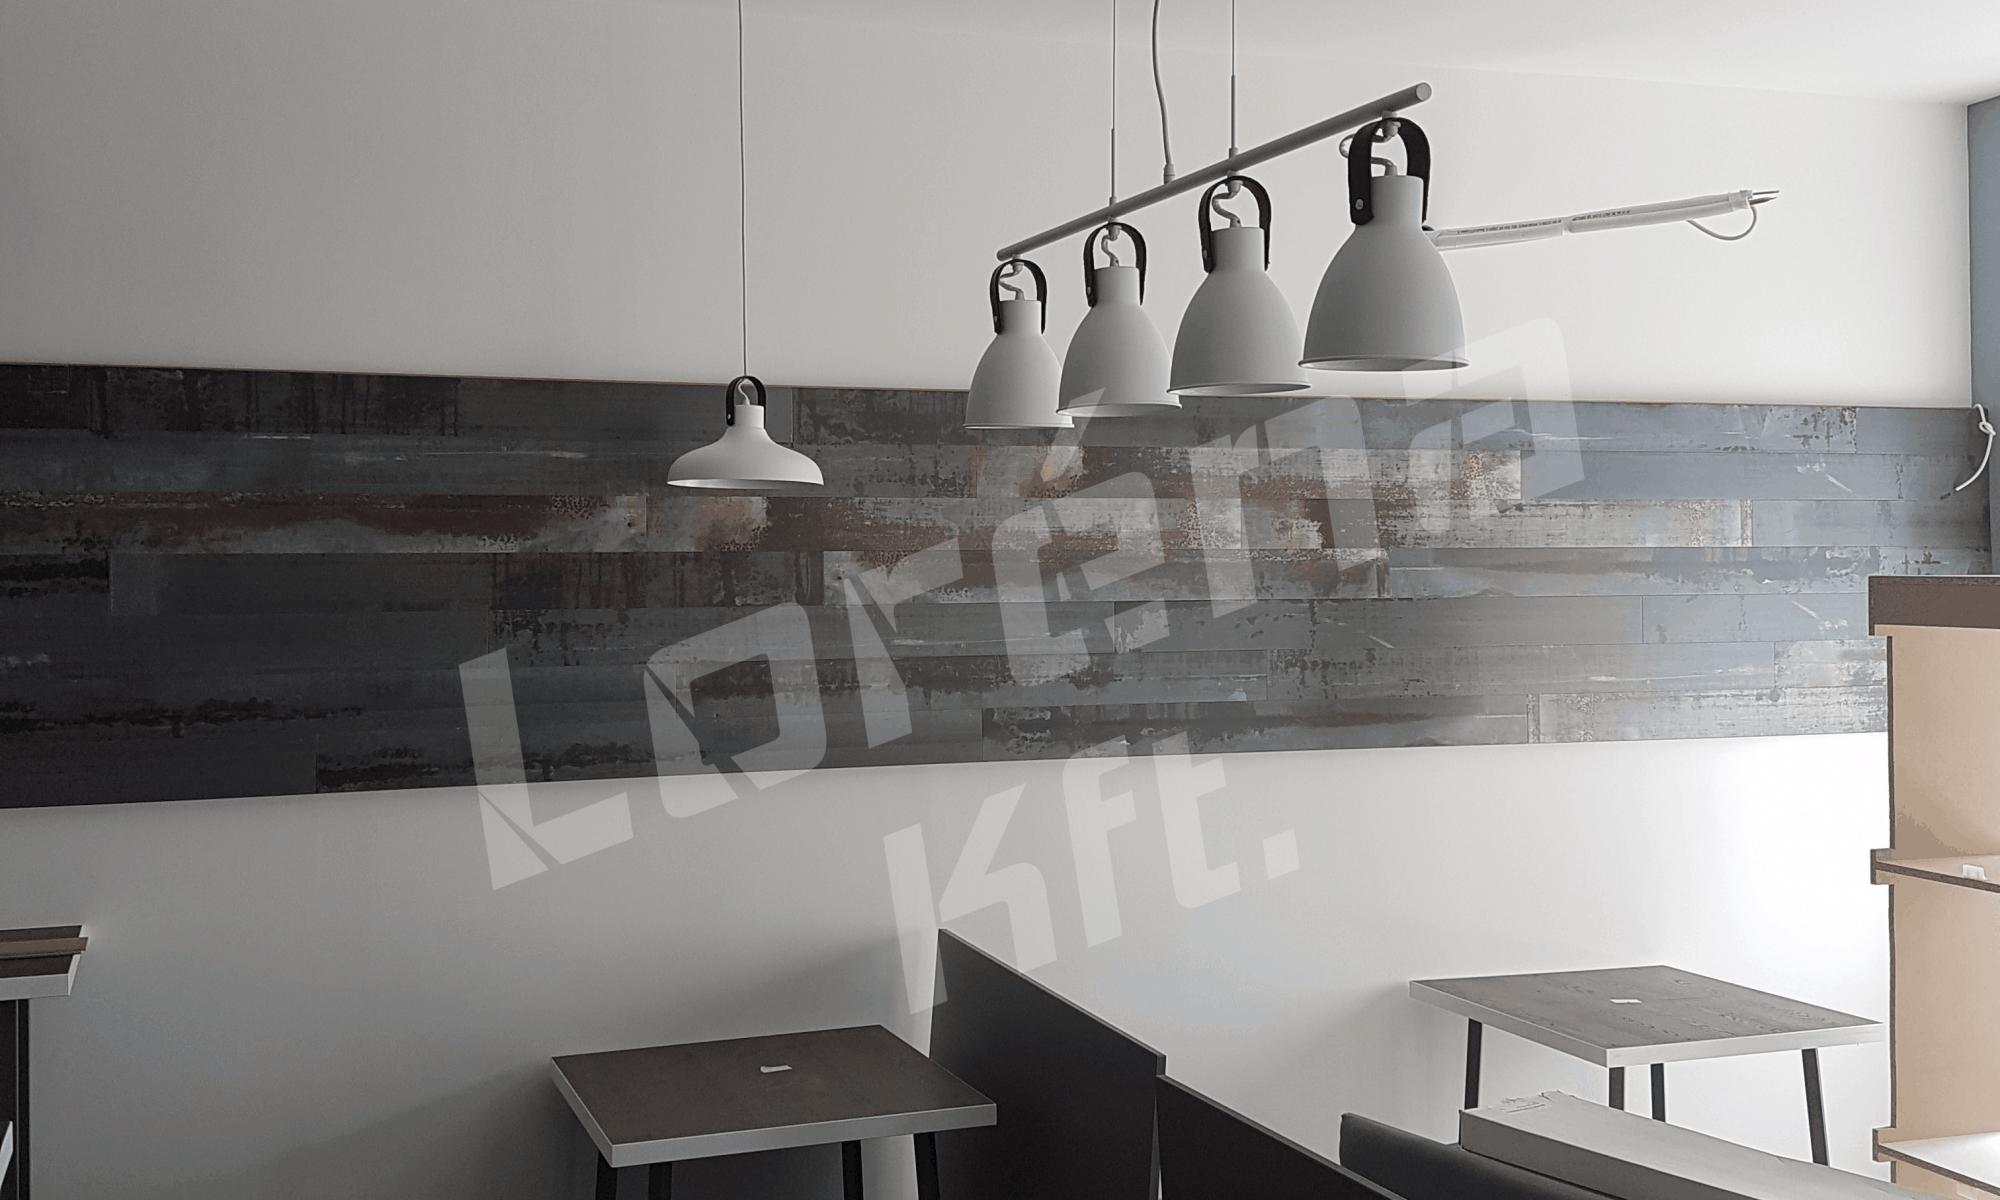 Étterem dekor világítás